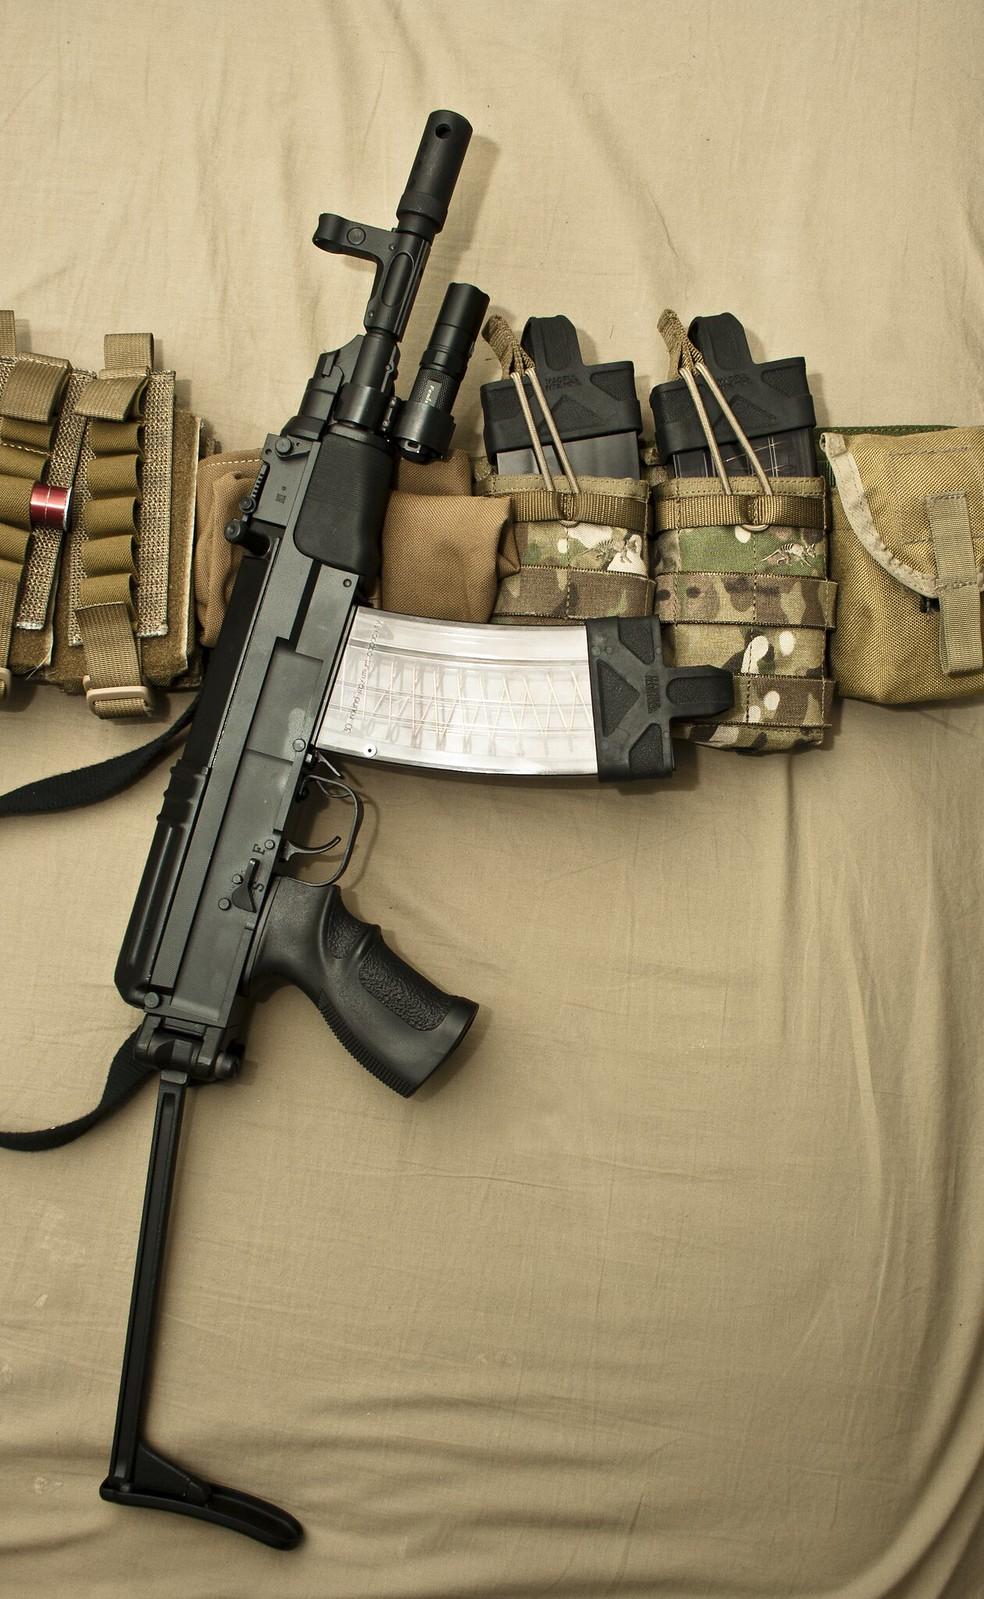 VZ-58 Questions [Archive] - M4Carbine net Forums